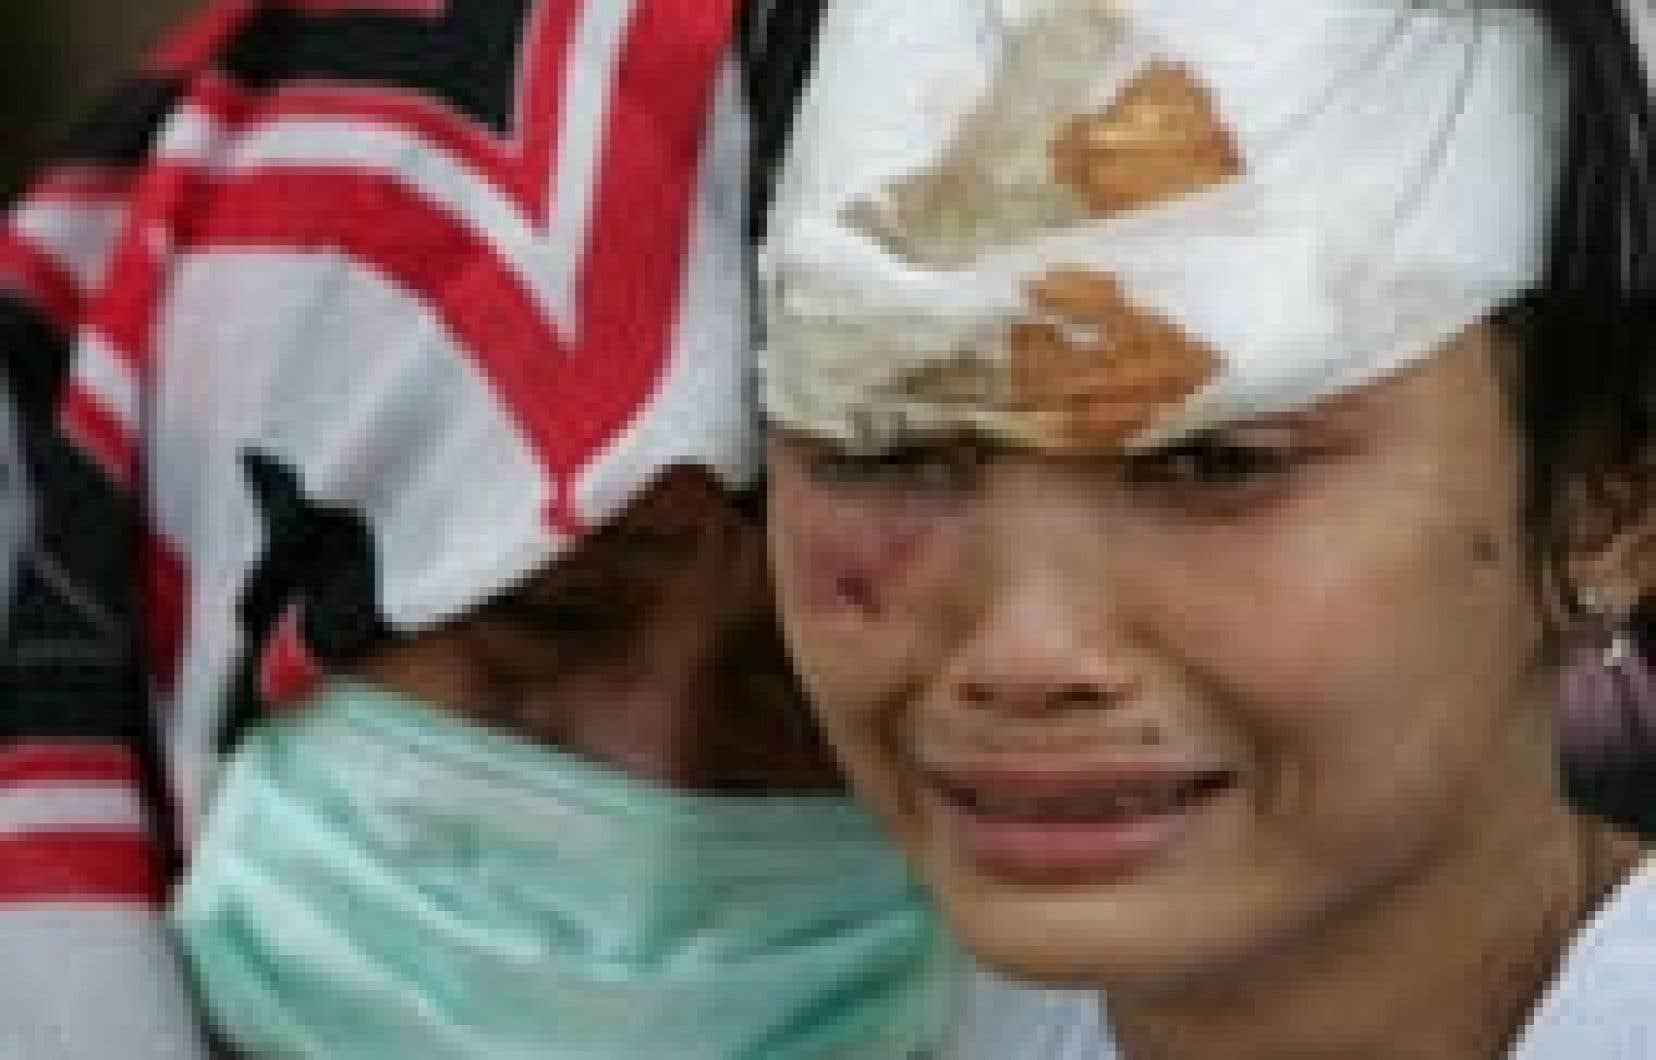 Deux femmes en pleurs attendent pour recevoir des soins dans un hôpital militaire à Banda Aceh, en Indonésie. Le vice-président du pays a annoncé hier que le total des victimes en Indonésie dépassait les 40 000 personnes.